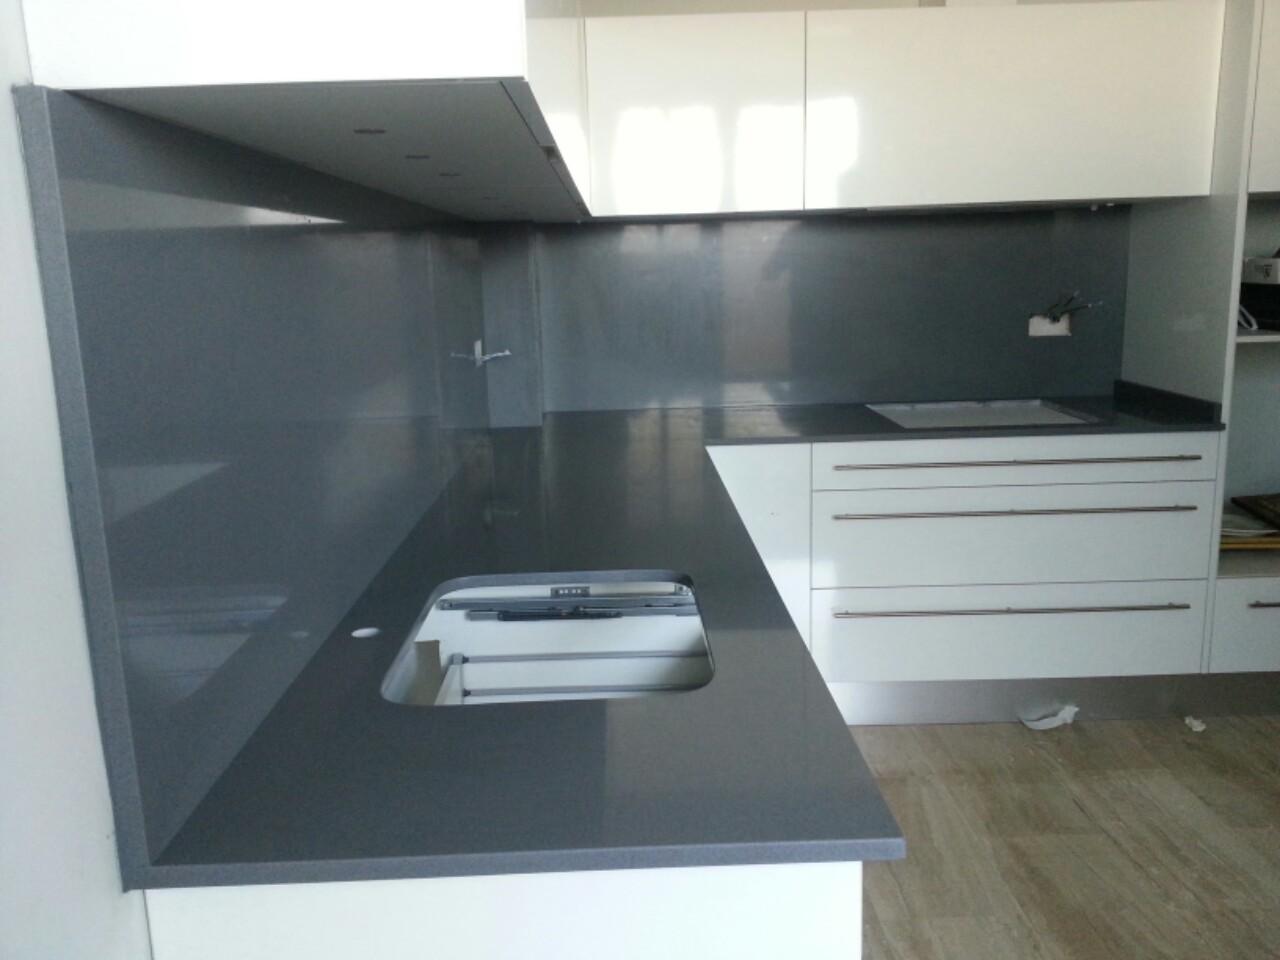 M rmoles cool encimeras exclusivas montaje cocina en for Encimera de granito gris